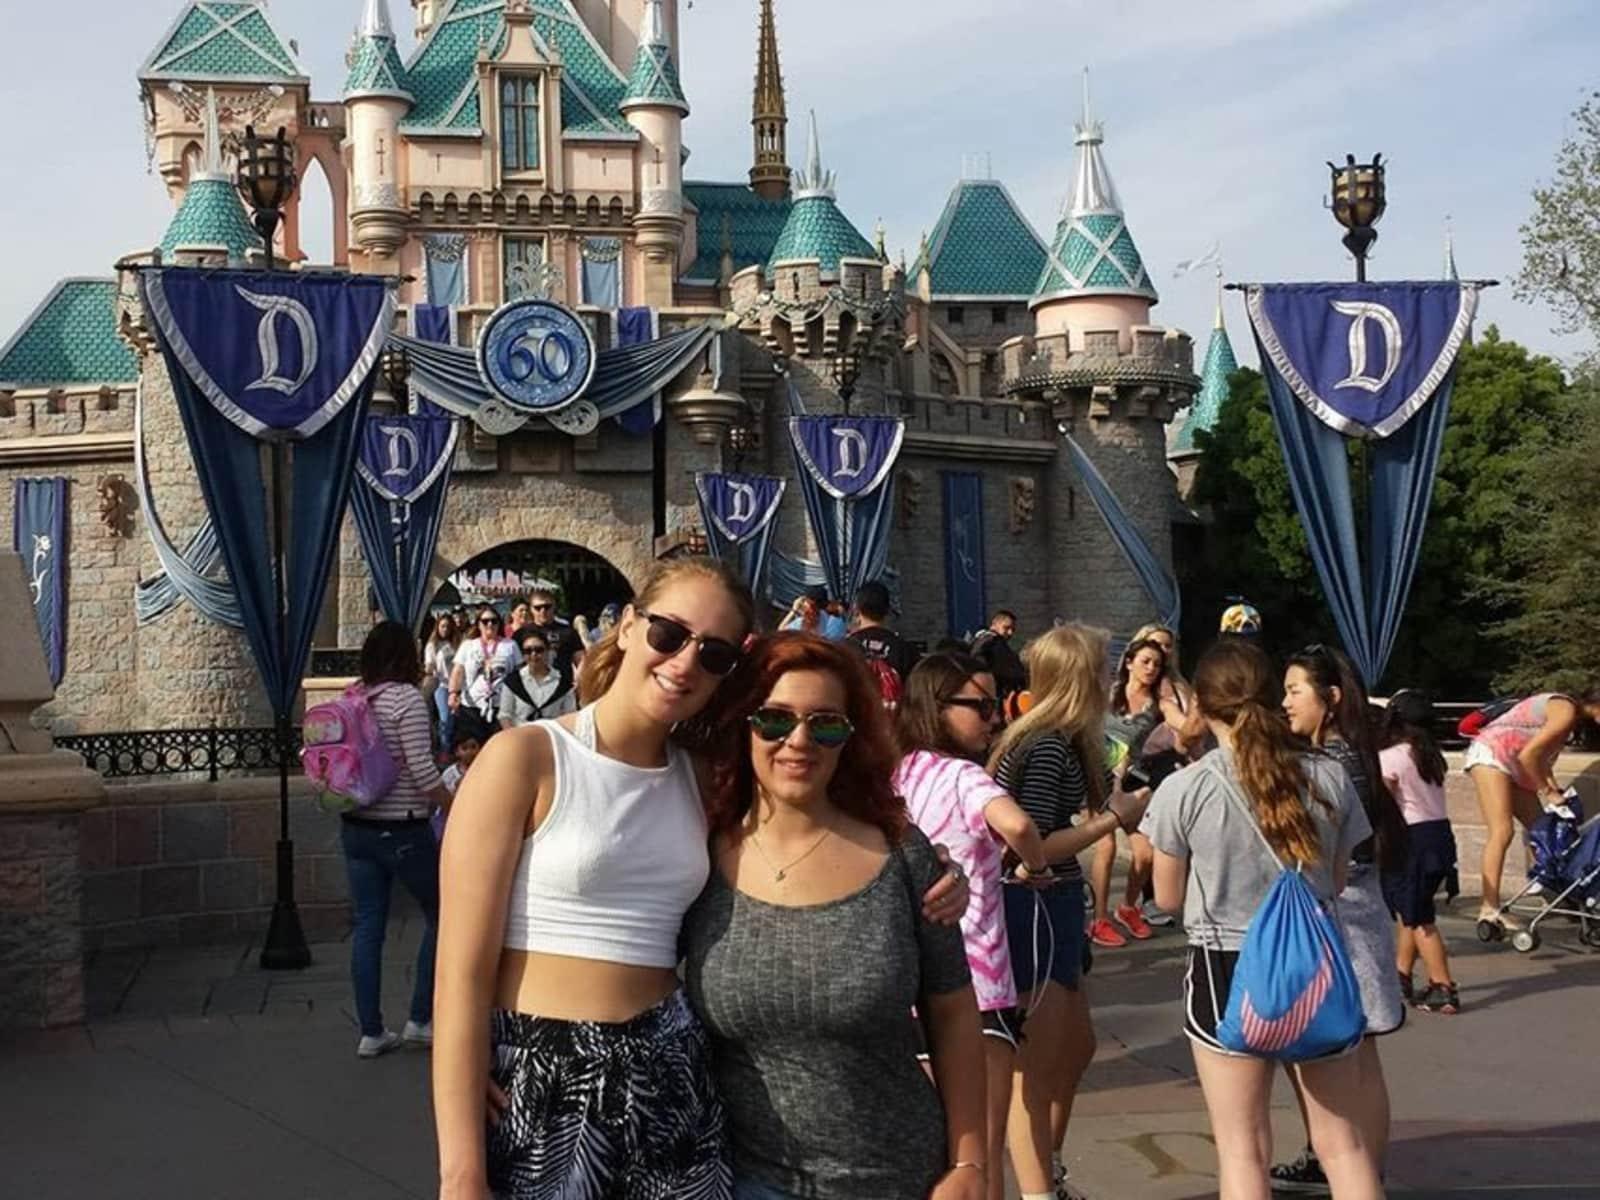 Isabel & Isabel from Denver, Colorado, United States